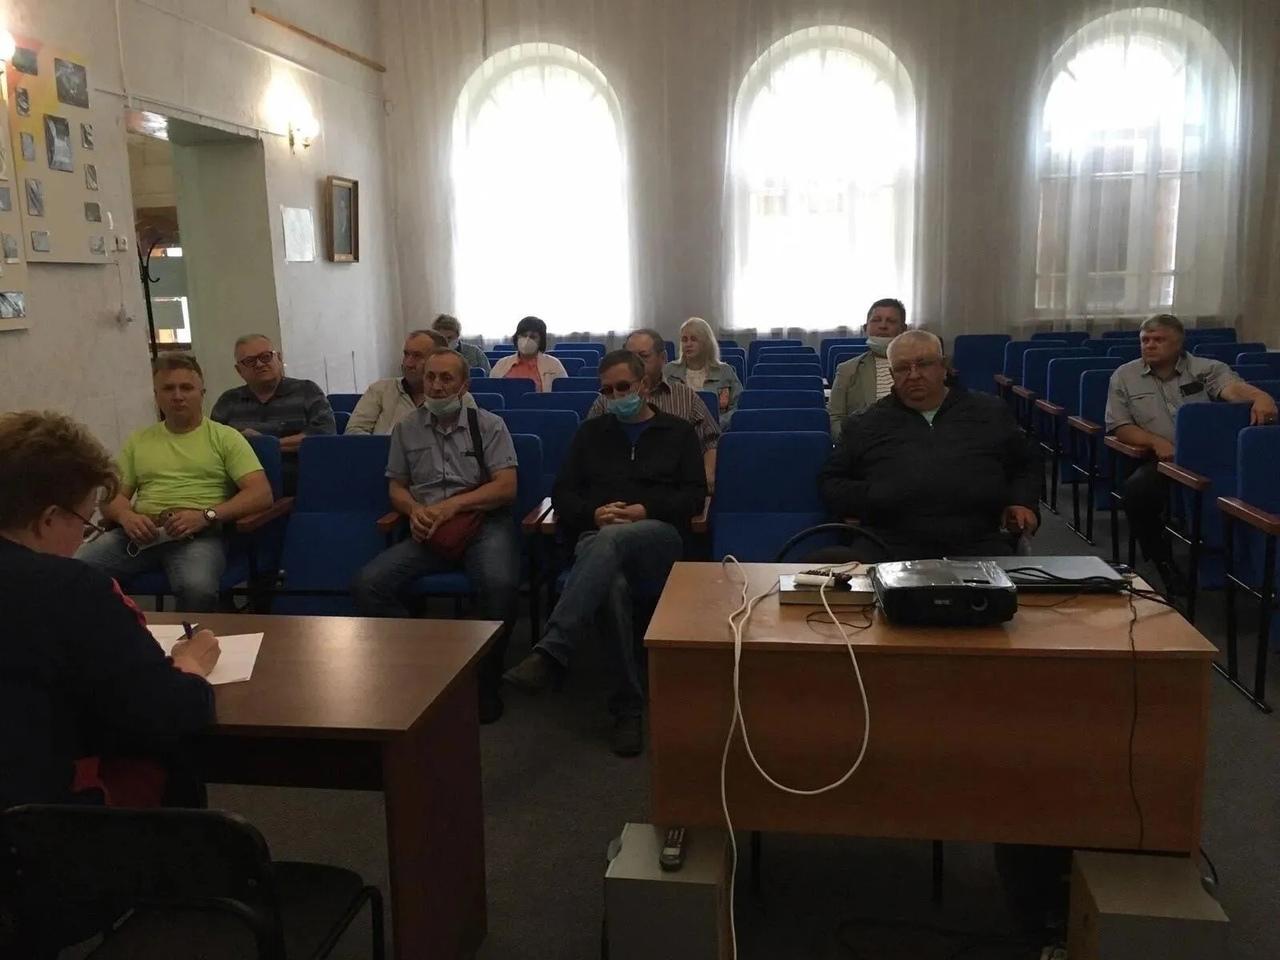 Общественный совет Петровского района одобрил перенос Мемориала памяти с территории бывшего СПК имени Панфилова